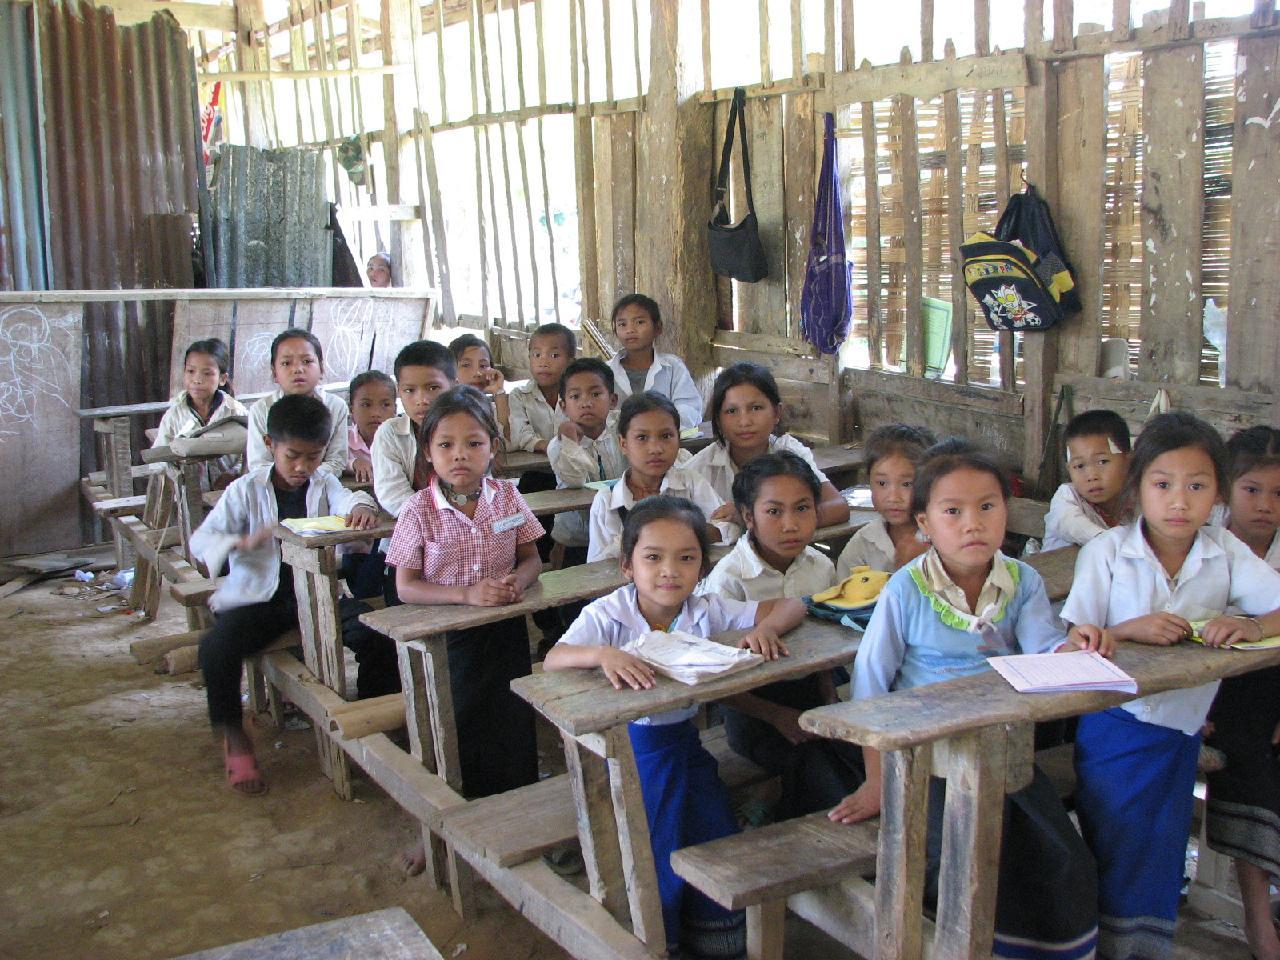 images2le-Laos-32.jpg